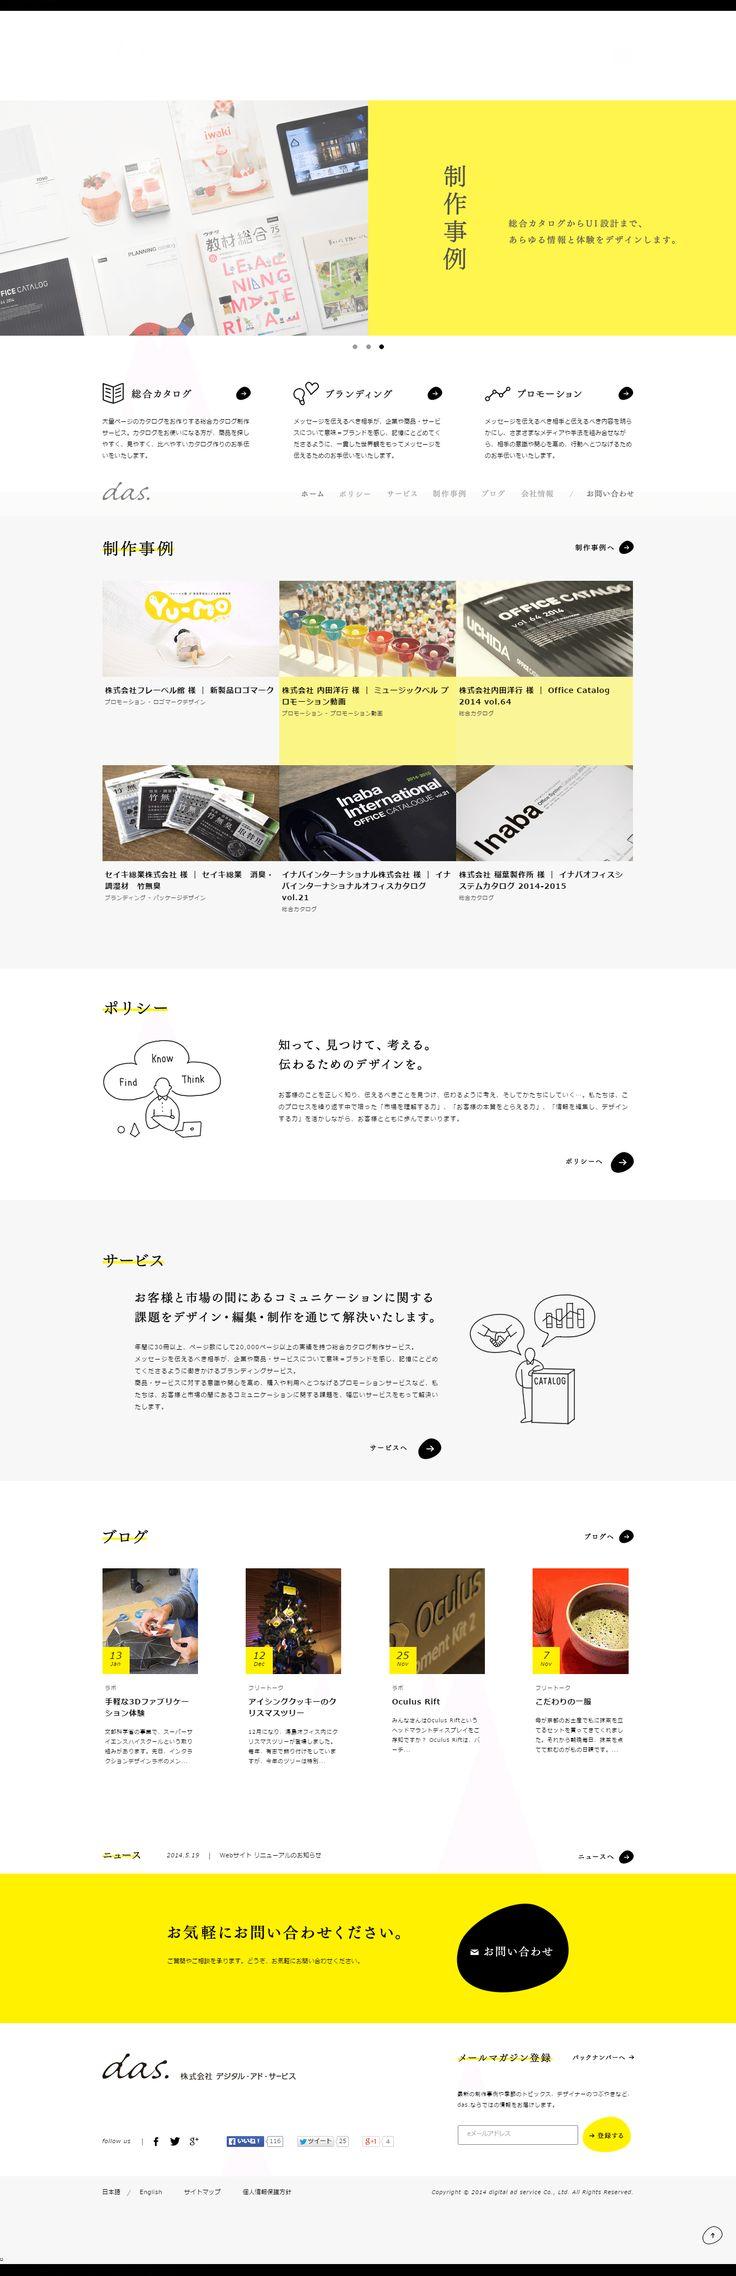 カタログ制作・デザインのデジタル・アド・サービス   das. – 株式会社デジタル・アド・サービス http://www.dascorp.co.jp/